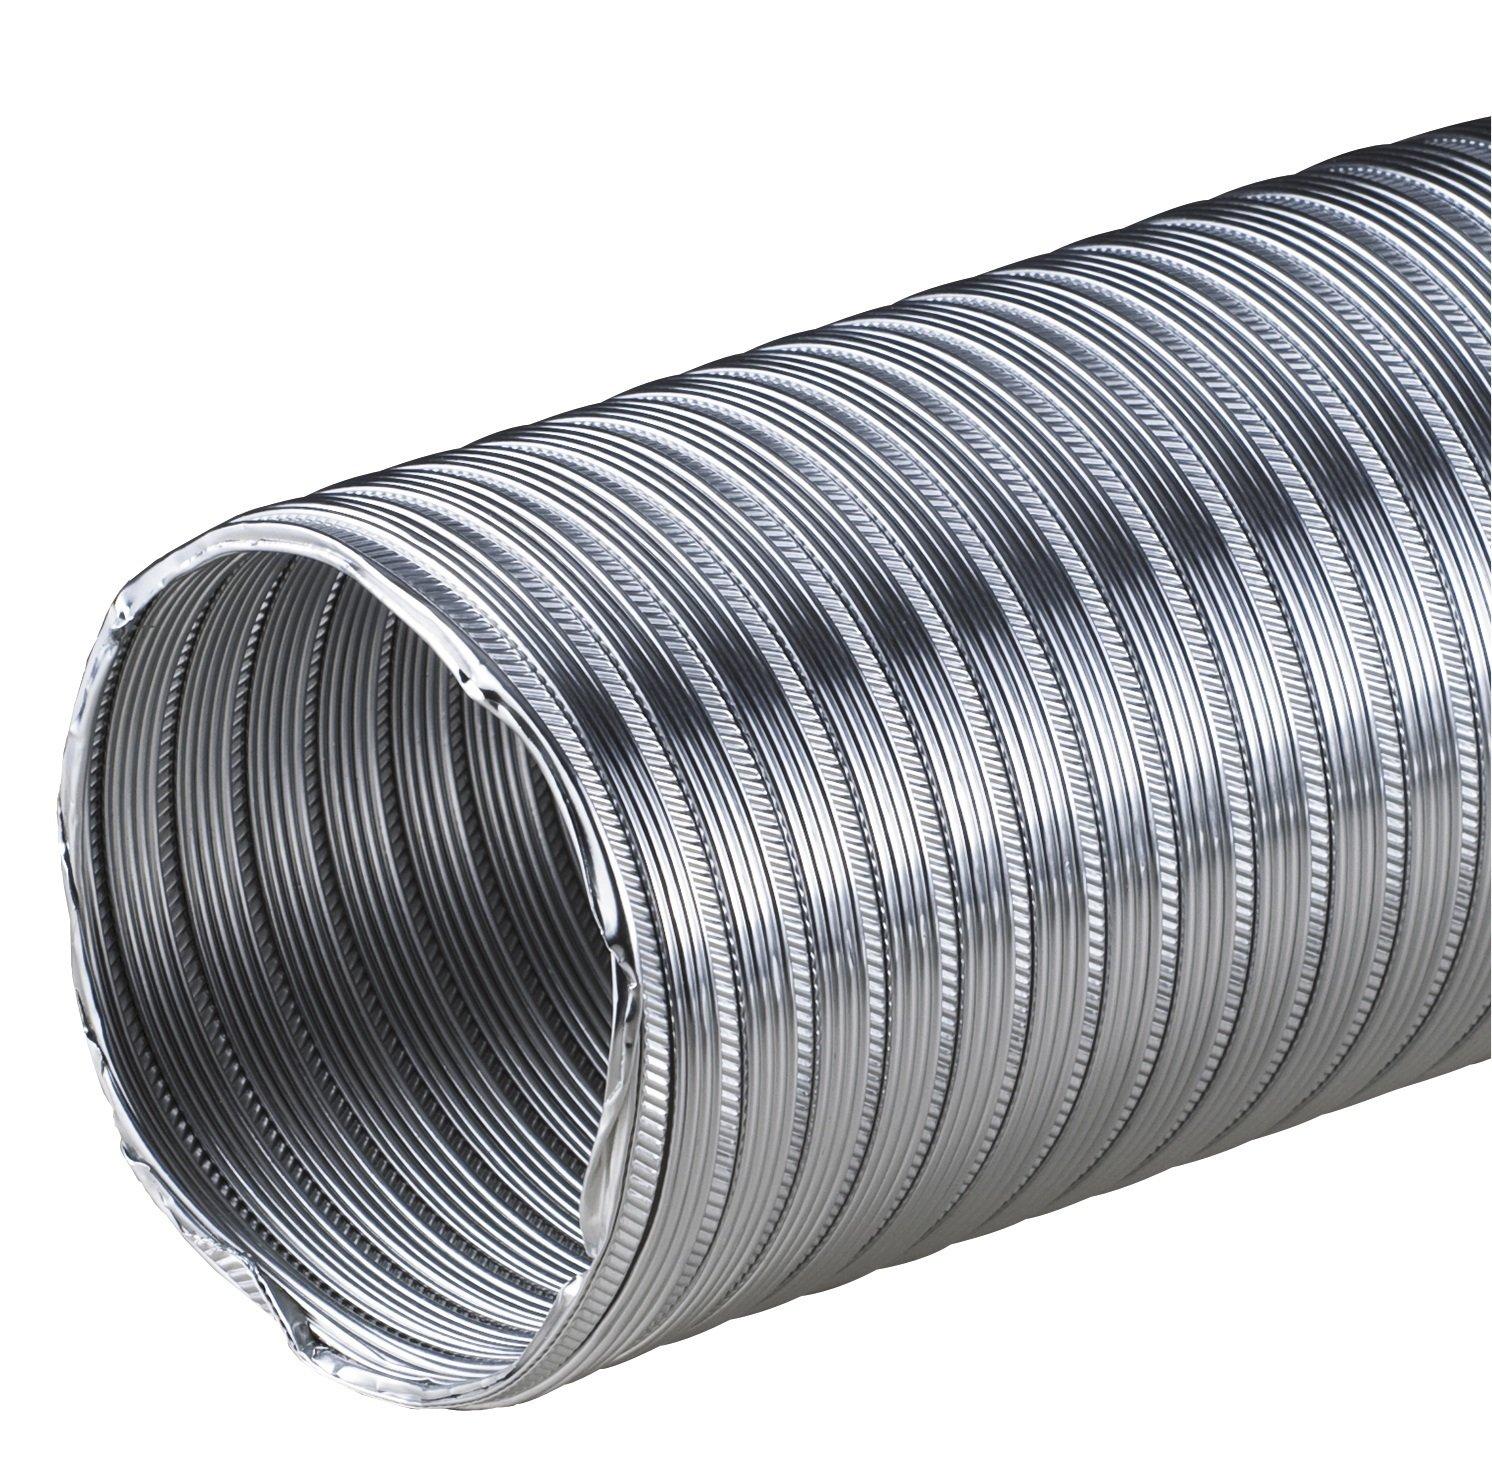 Alu-Flex-Rohr 3m Flexrohr Ø 75 mm 75mm Alurohr Flexschlauch Schlauch Aluminium Aluflexrohr flexibles Aluminiumrohr Aluflex Hitzebeständig AF MKK